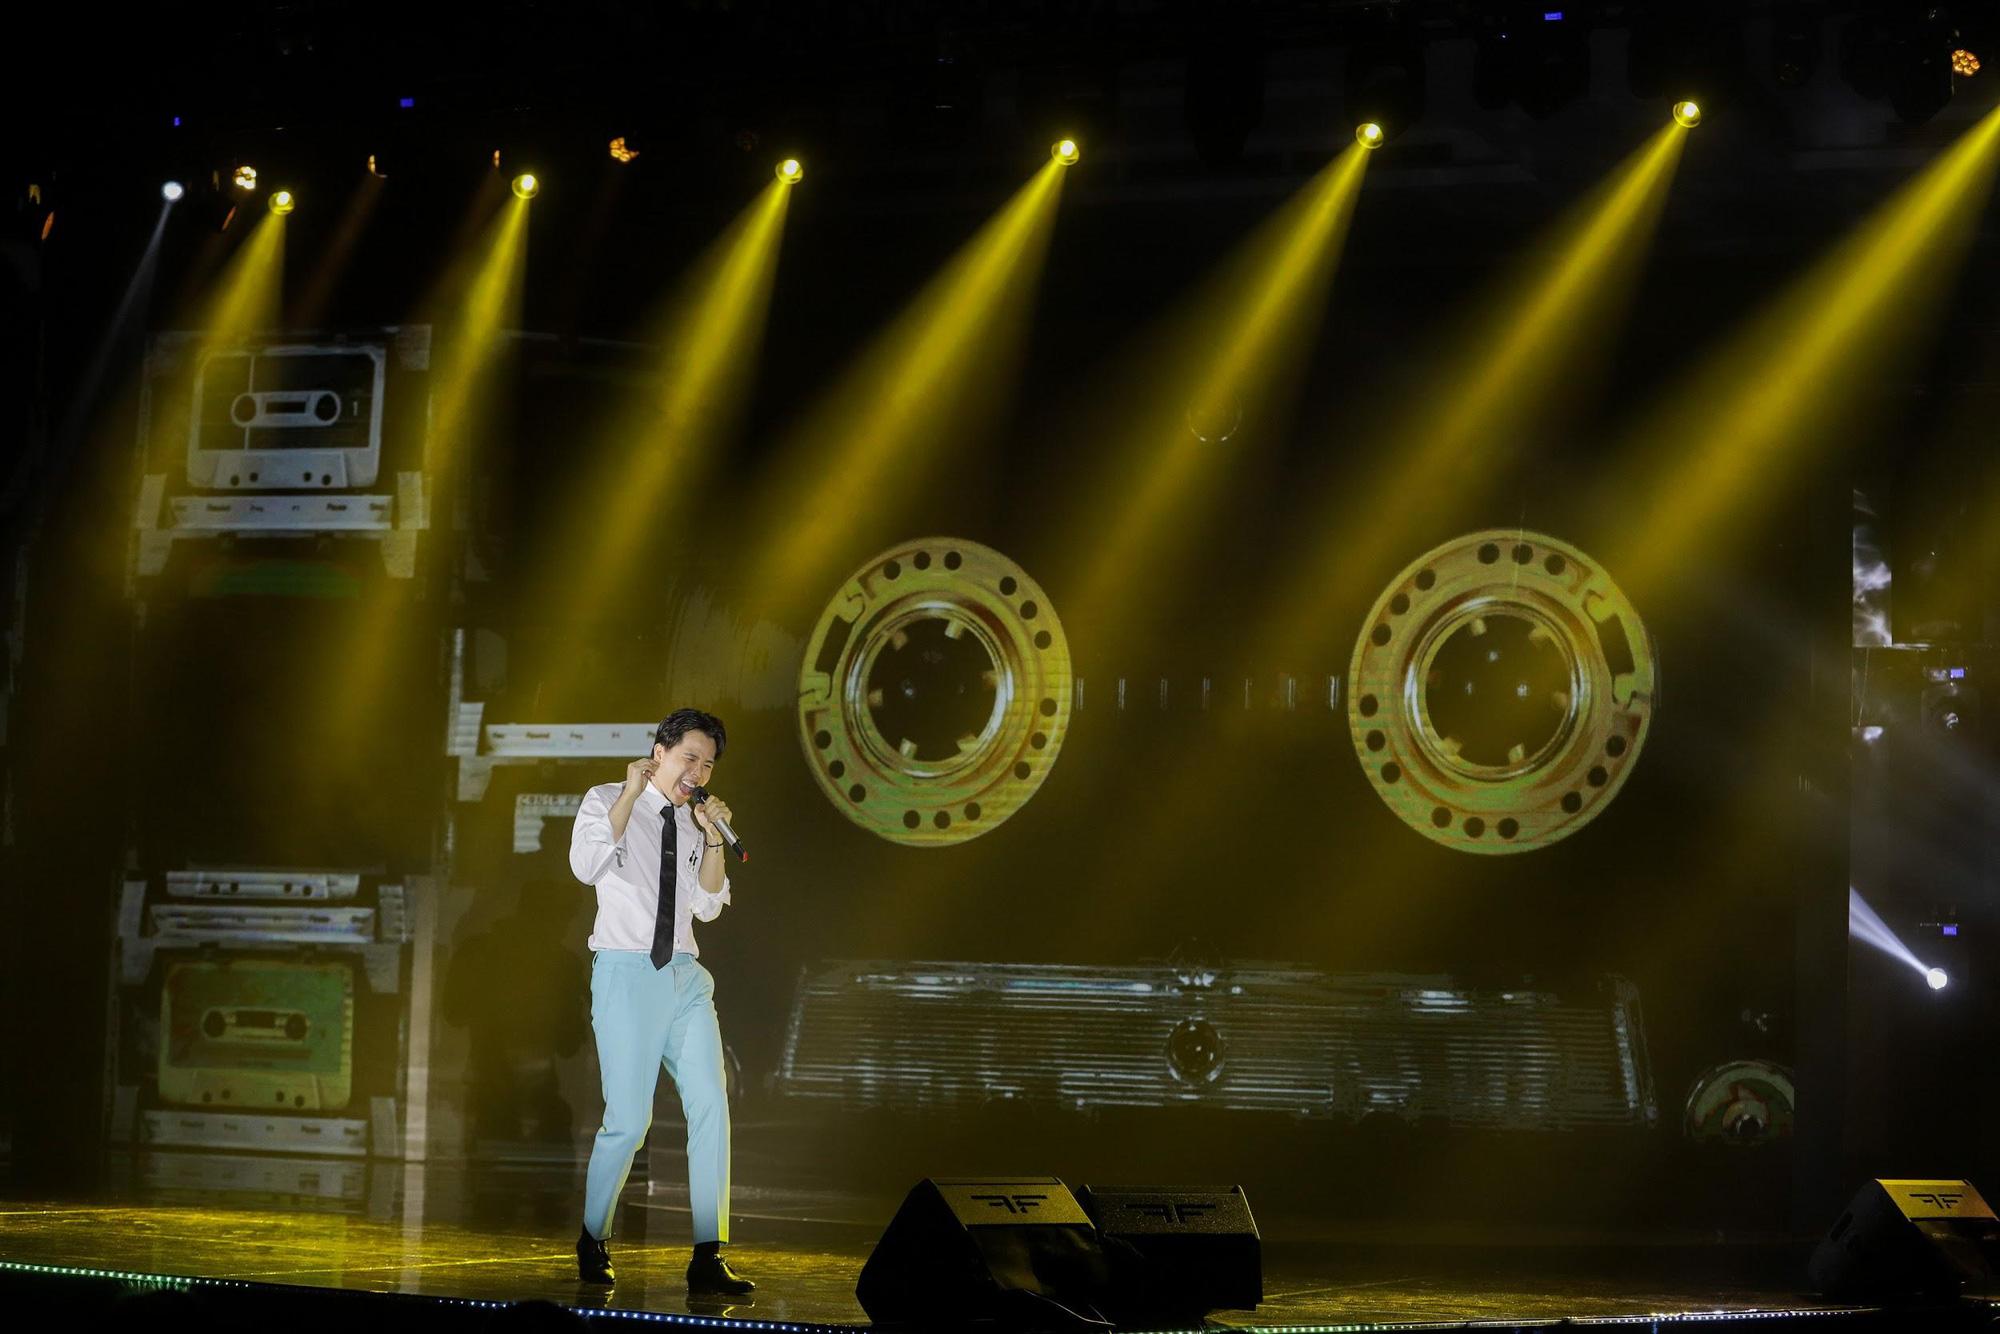 Loạt ảnh mới nhất xinh lung linh của Đông Nhi, Noo Phước Thịnh khiến khán giả trầm trồ trong đêm Gala Secret Concert – Chill Cùng Acecook - Ảnh 9.